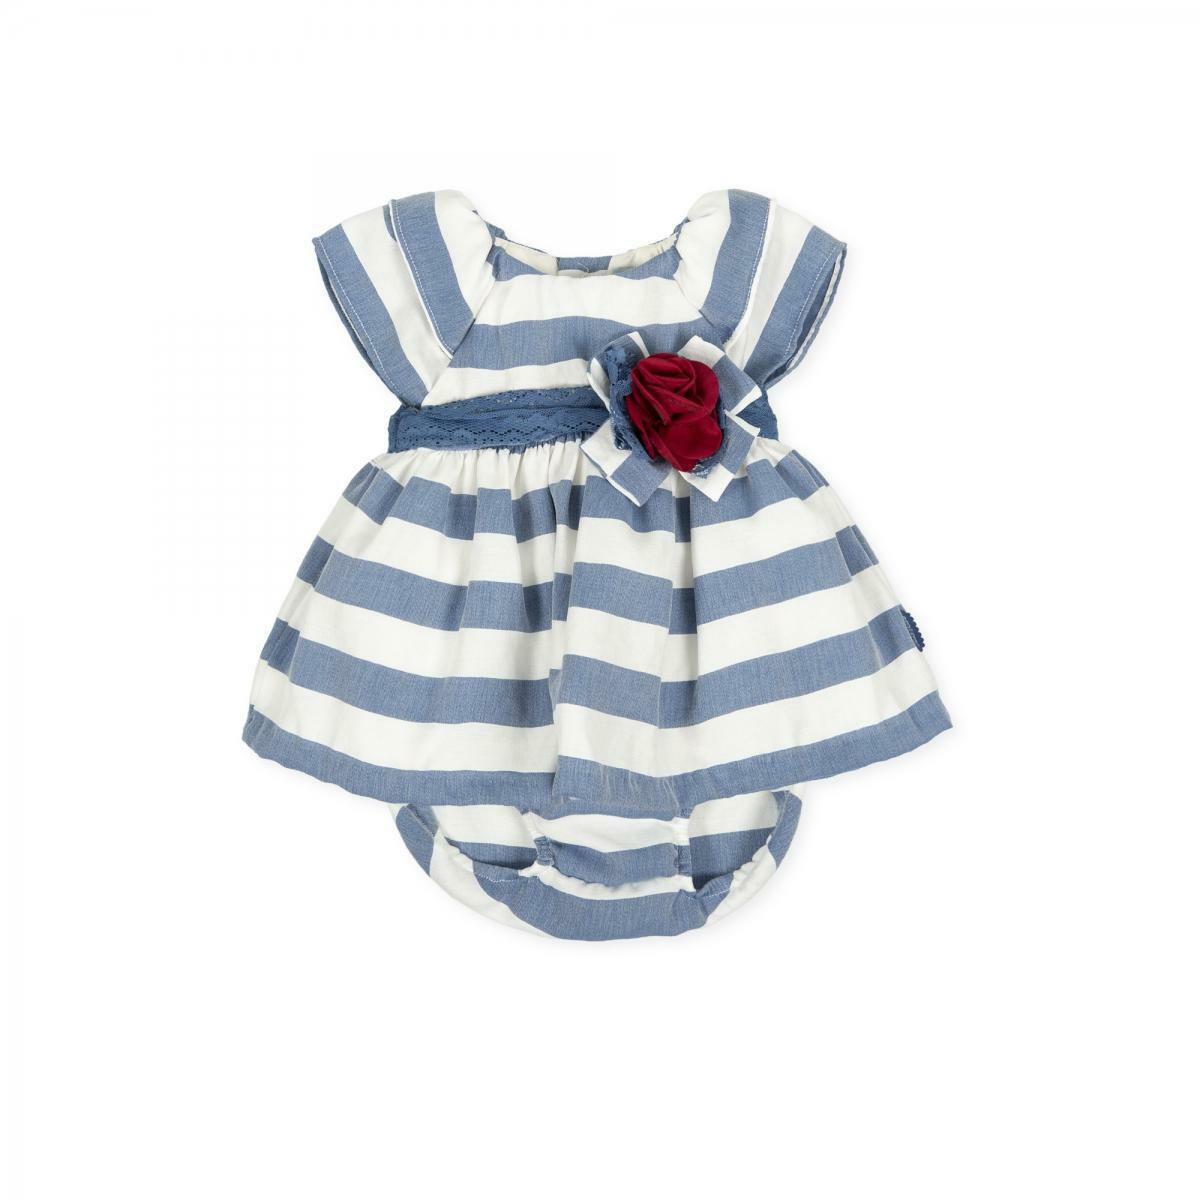 tutto piccolo tutto piccolo vestitino neonato blu 8233s20